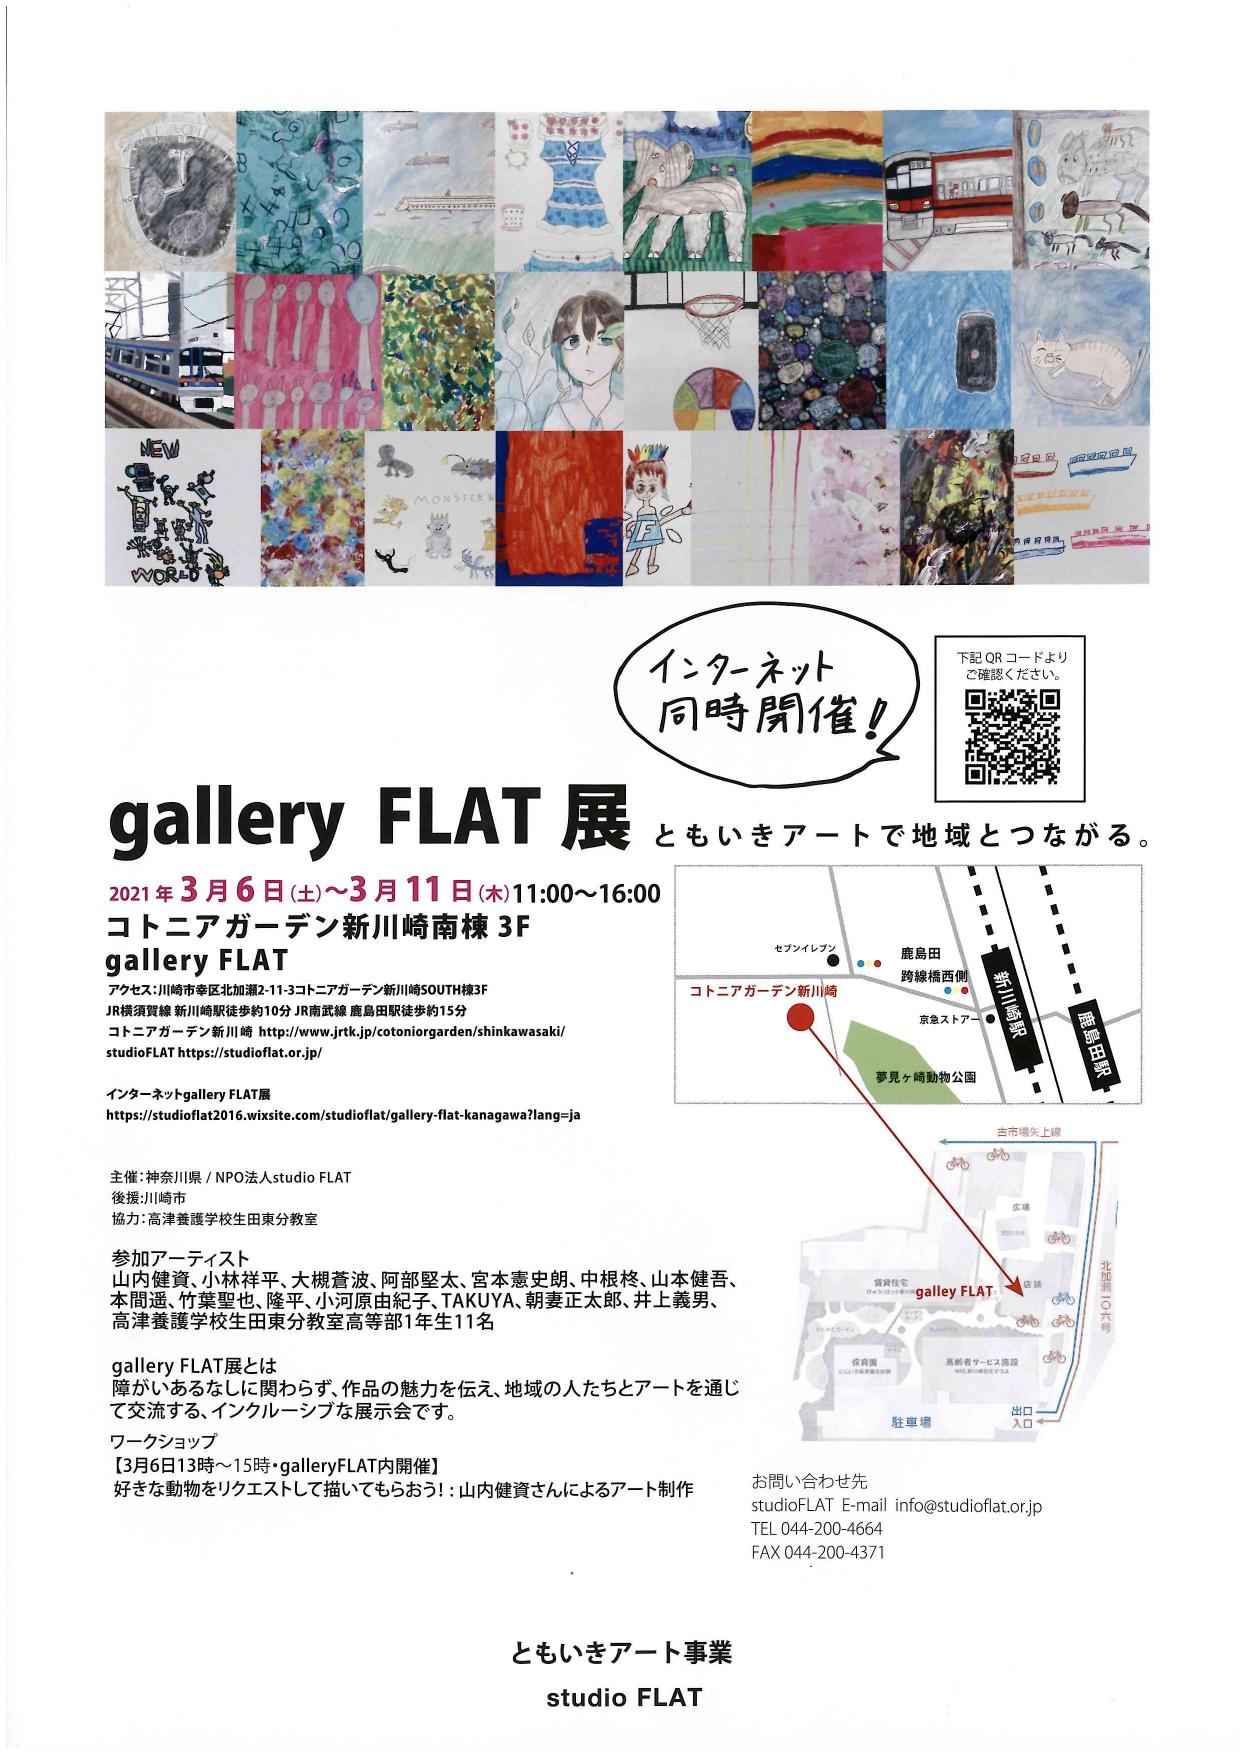 イメージ:gallery FLAT展